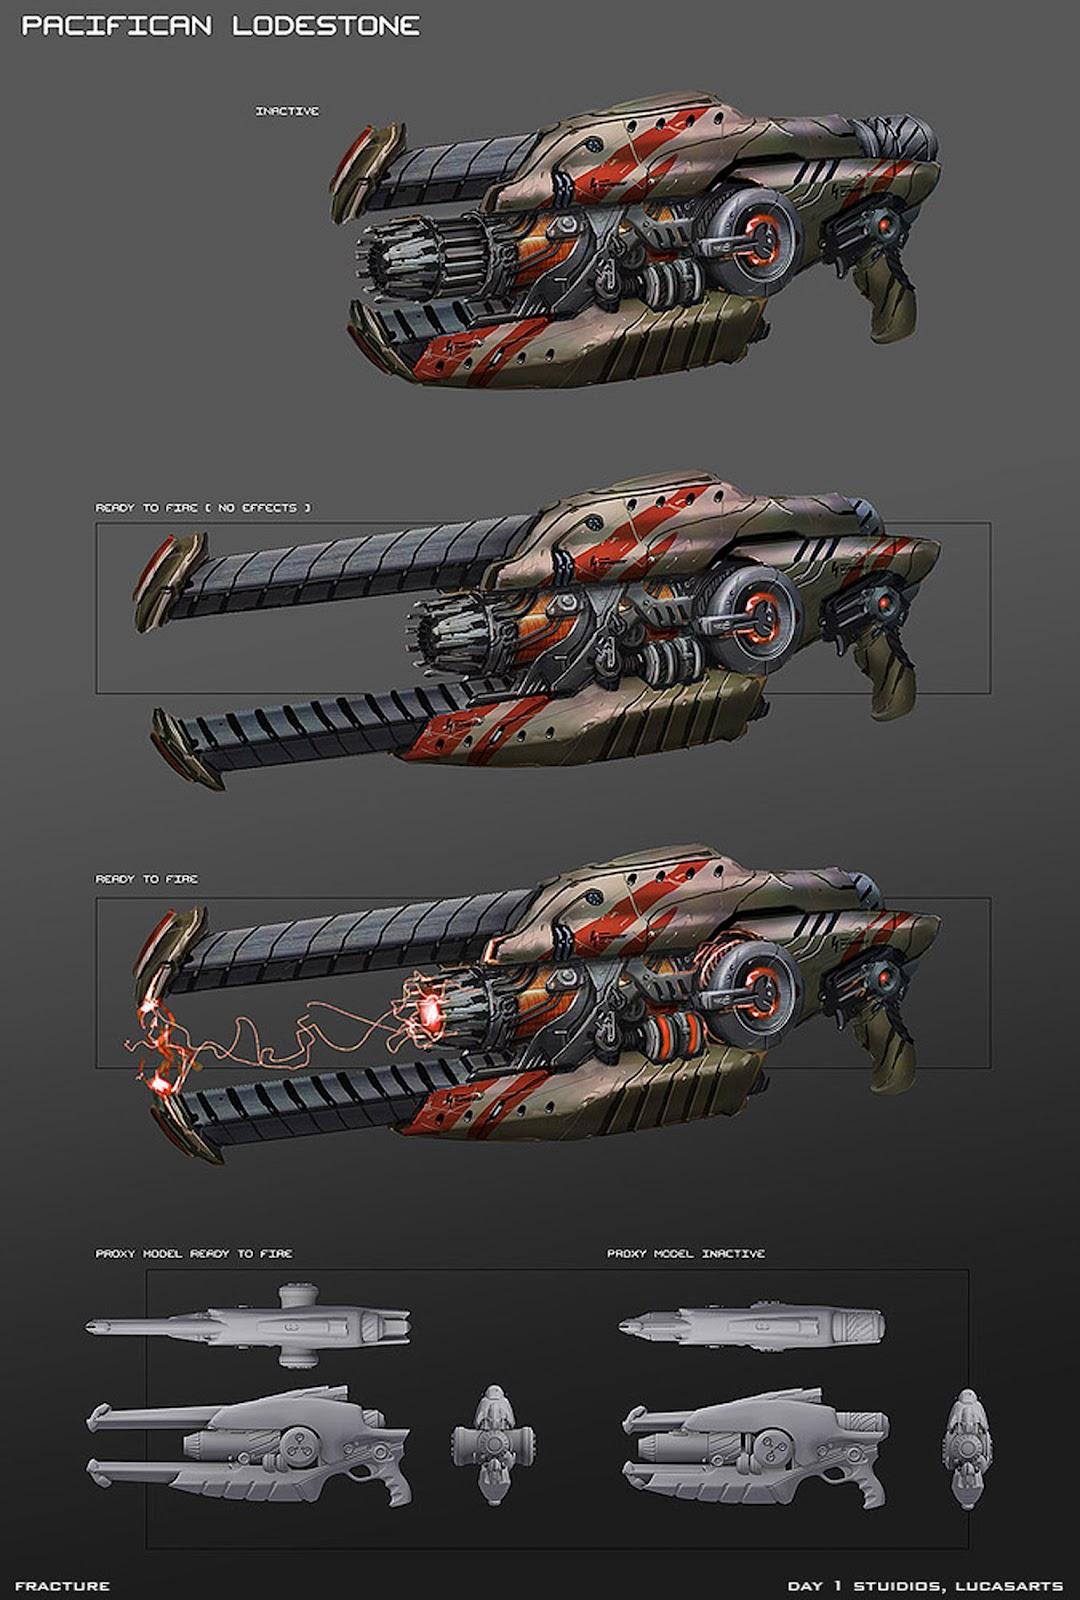 Sci fi futuristic guns